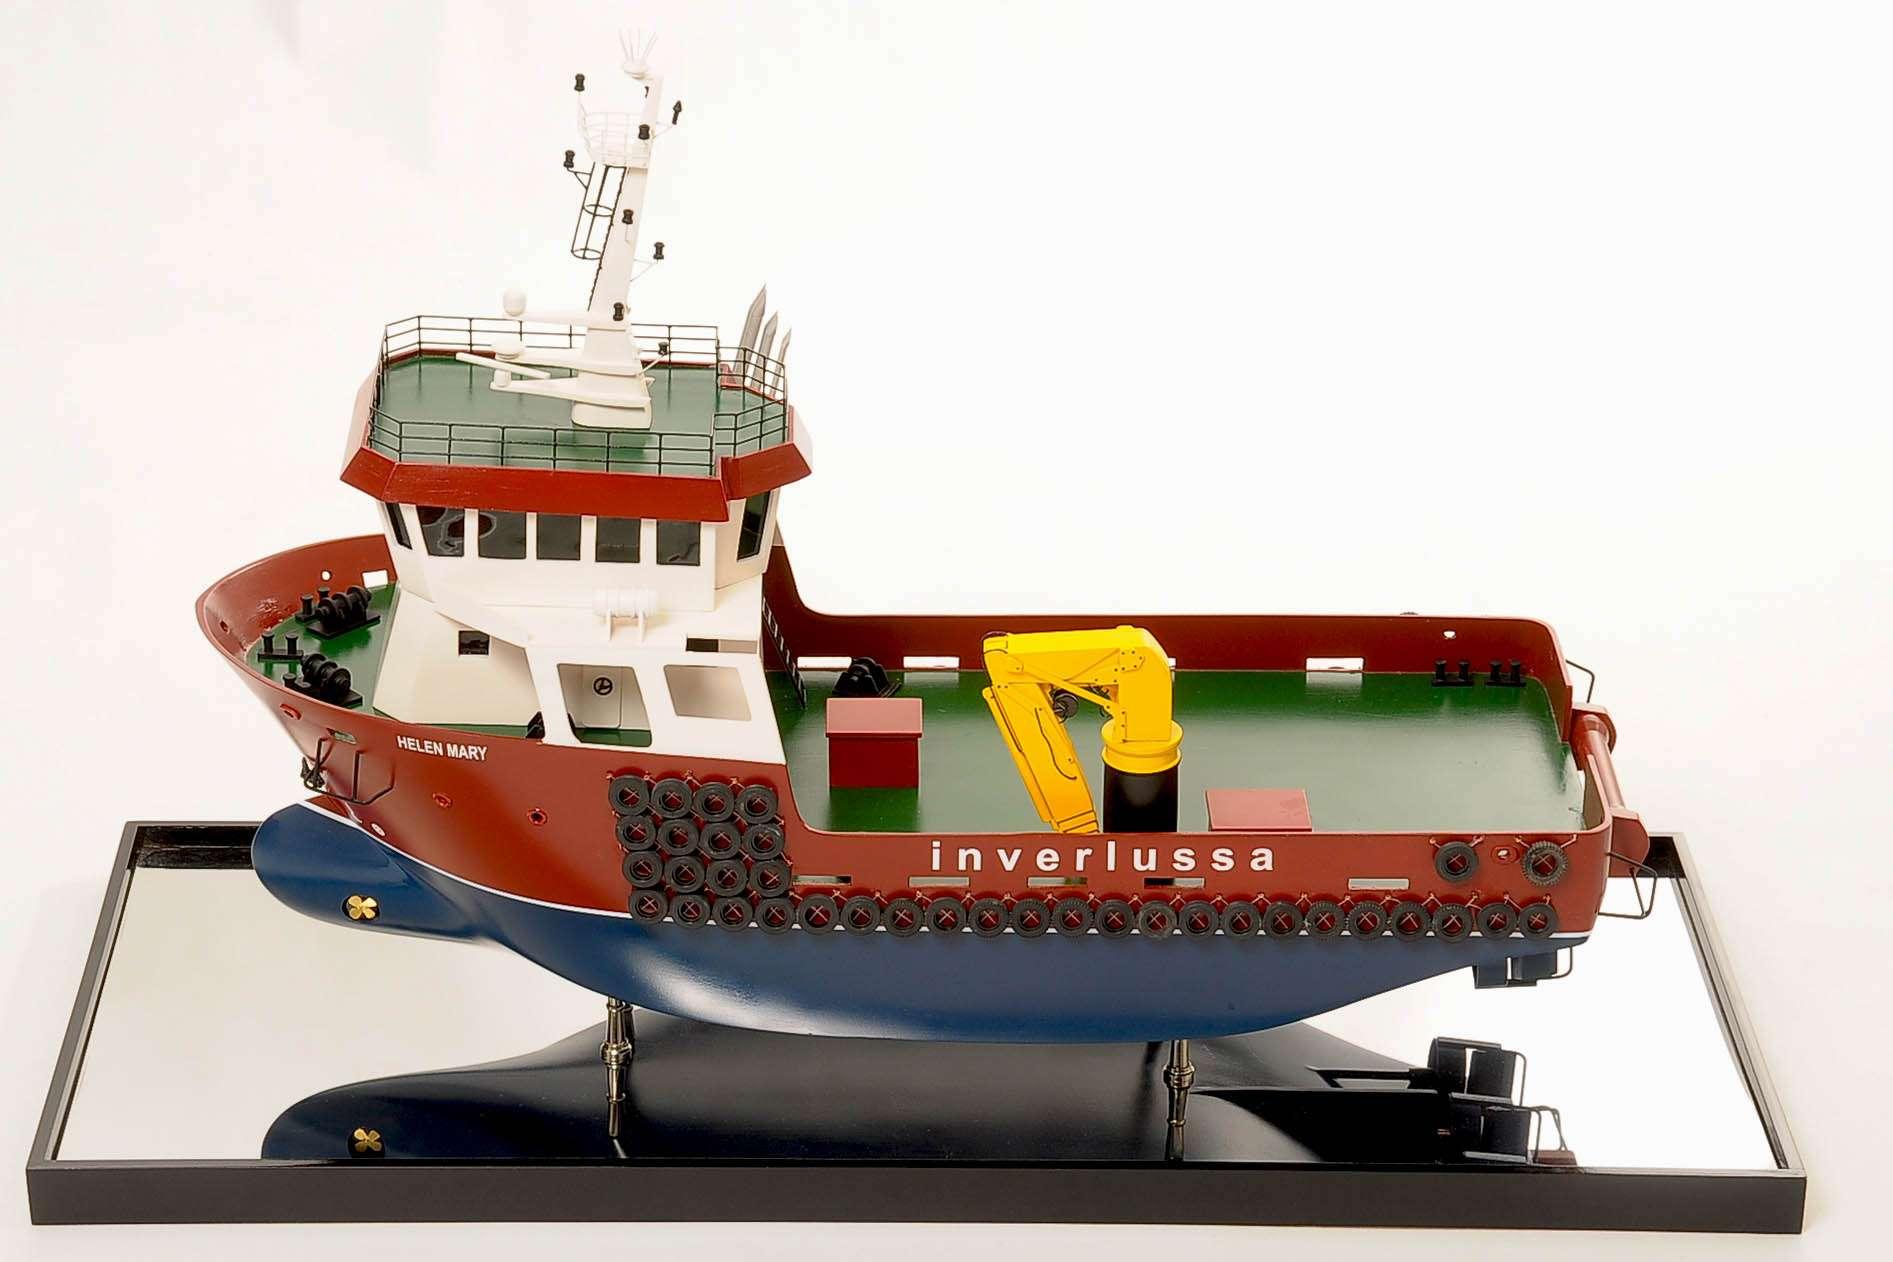 1478-4416-Helen-Mary-Work-Vessel